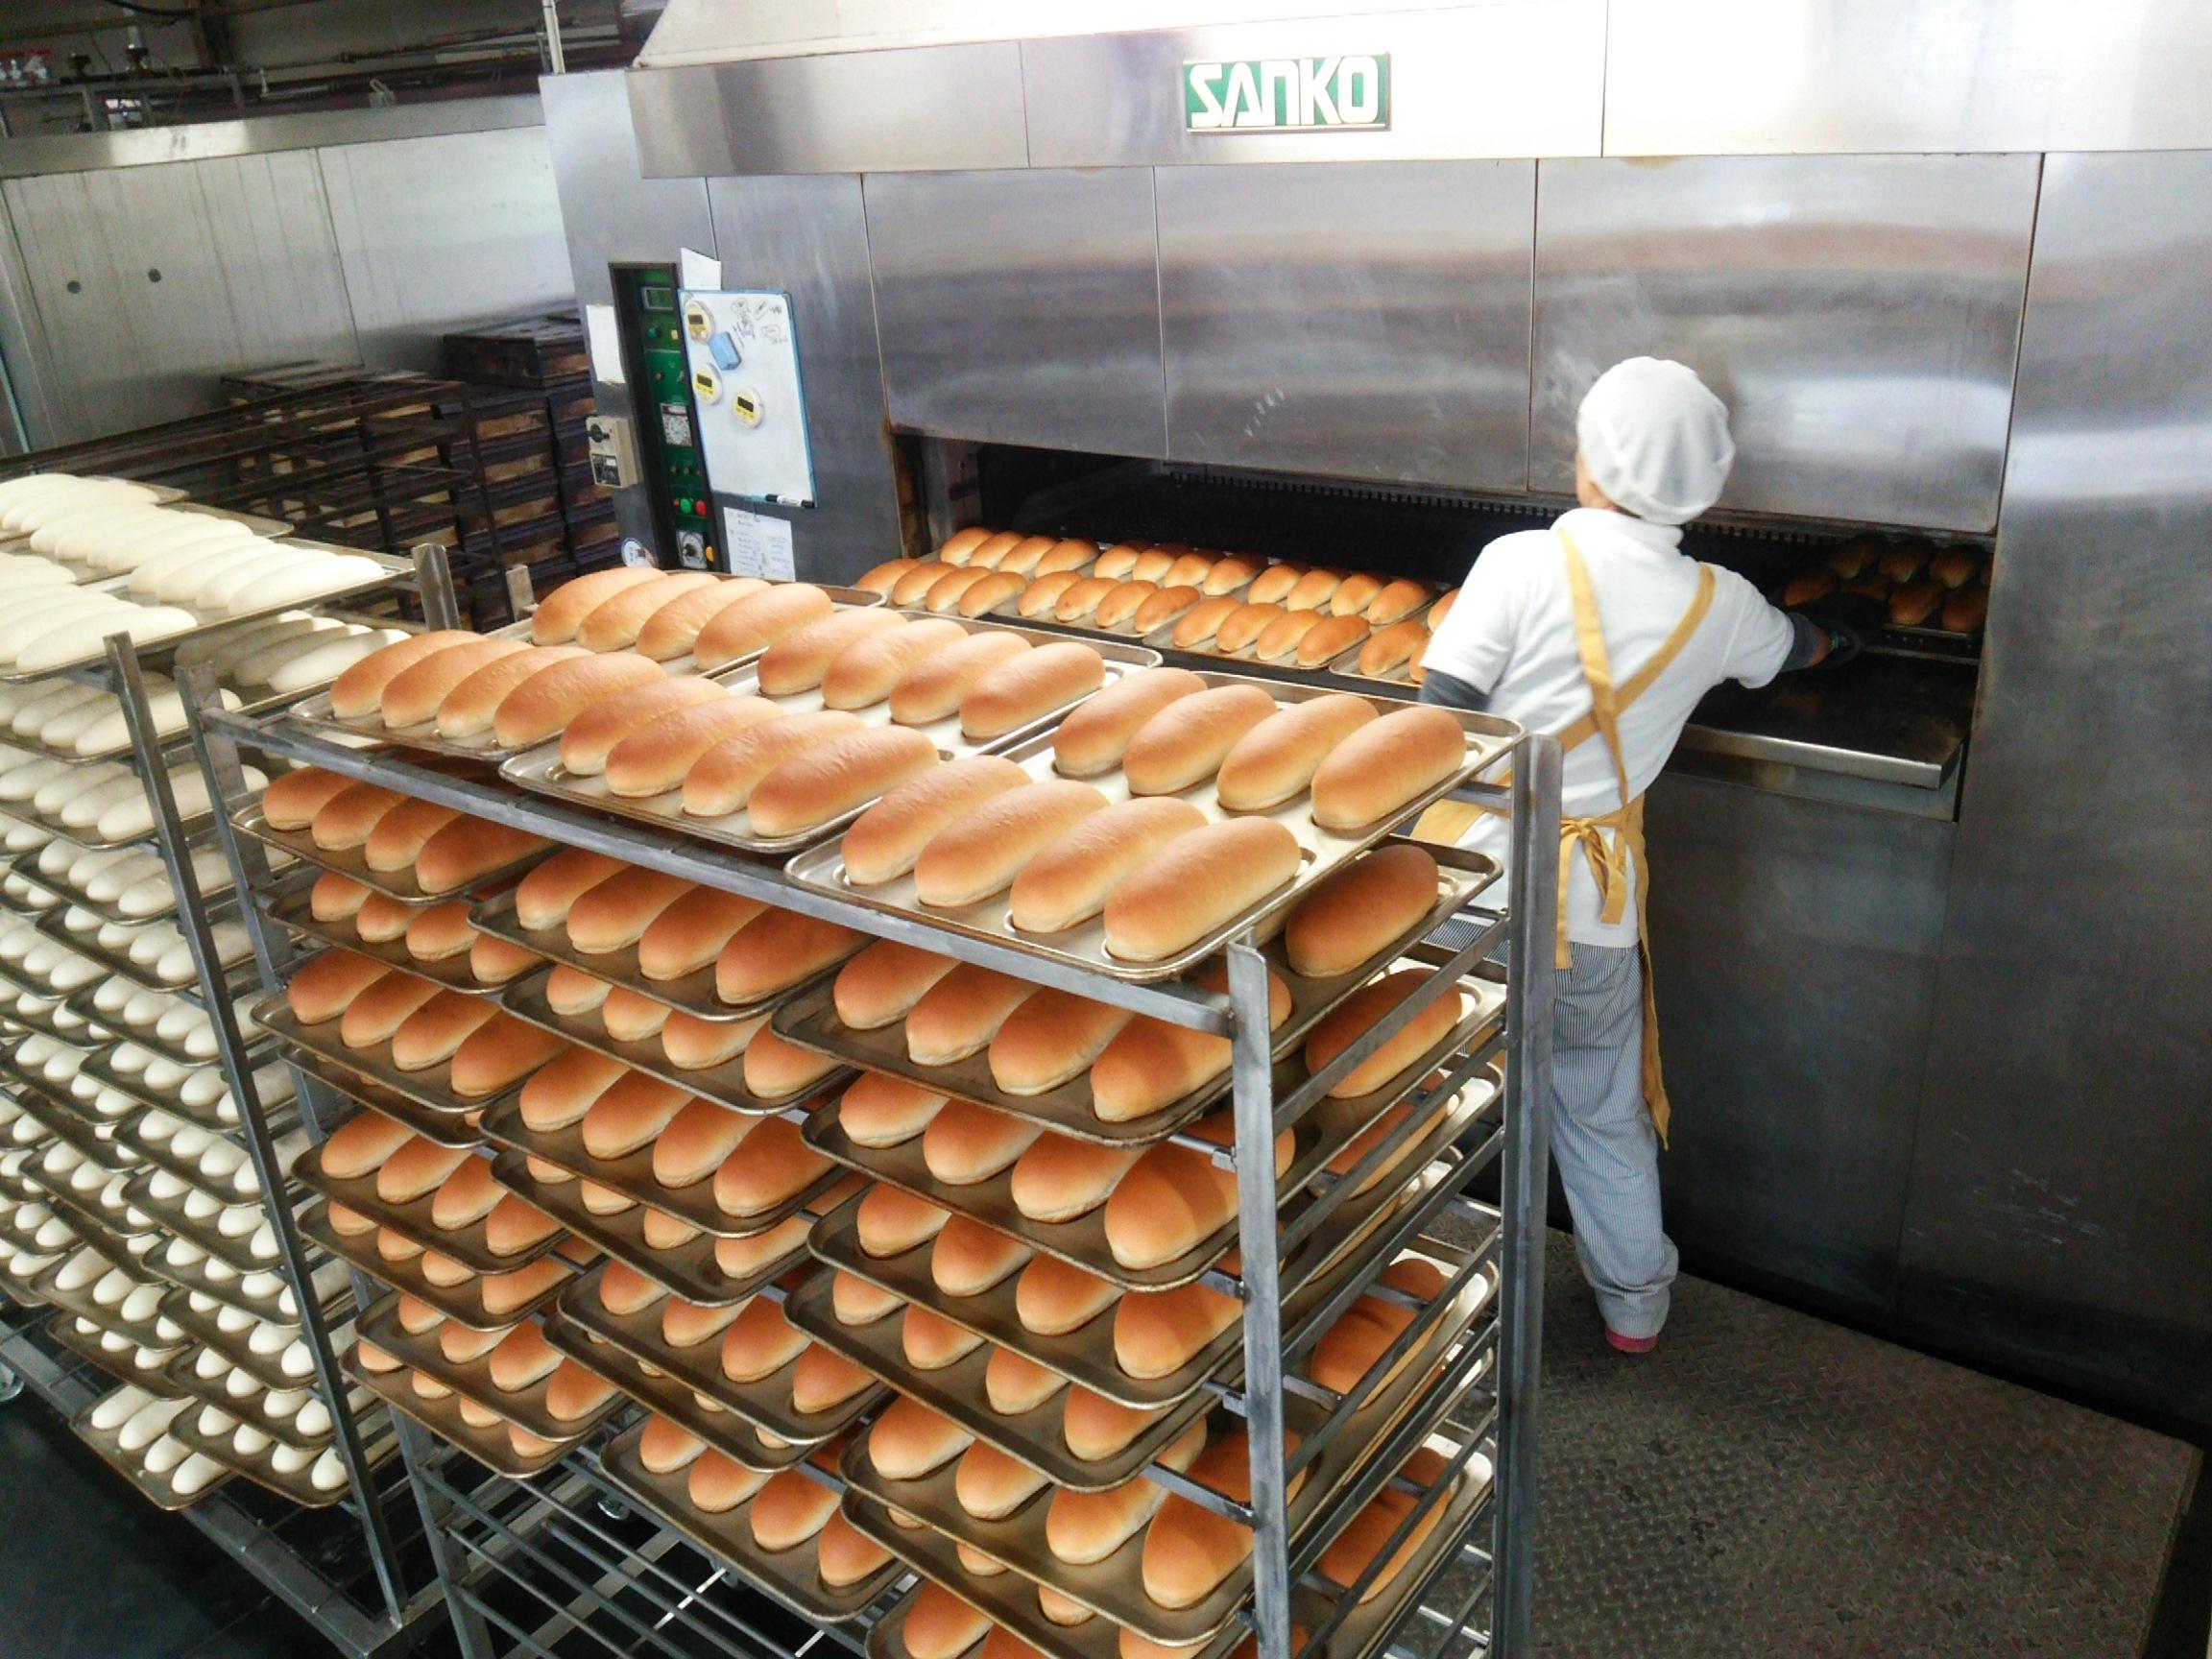 つるやパン本店・まるい食パン専門店GW休まず営業いたします。